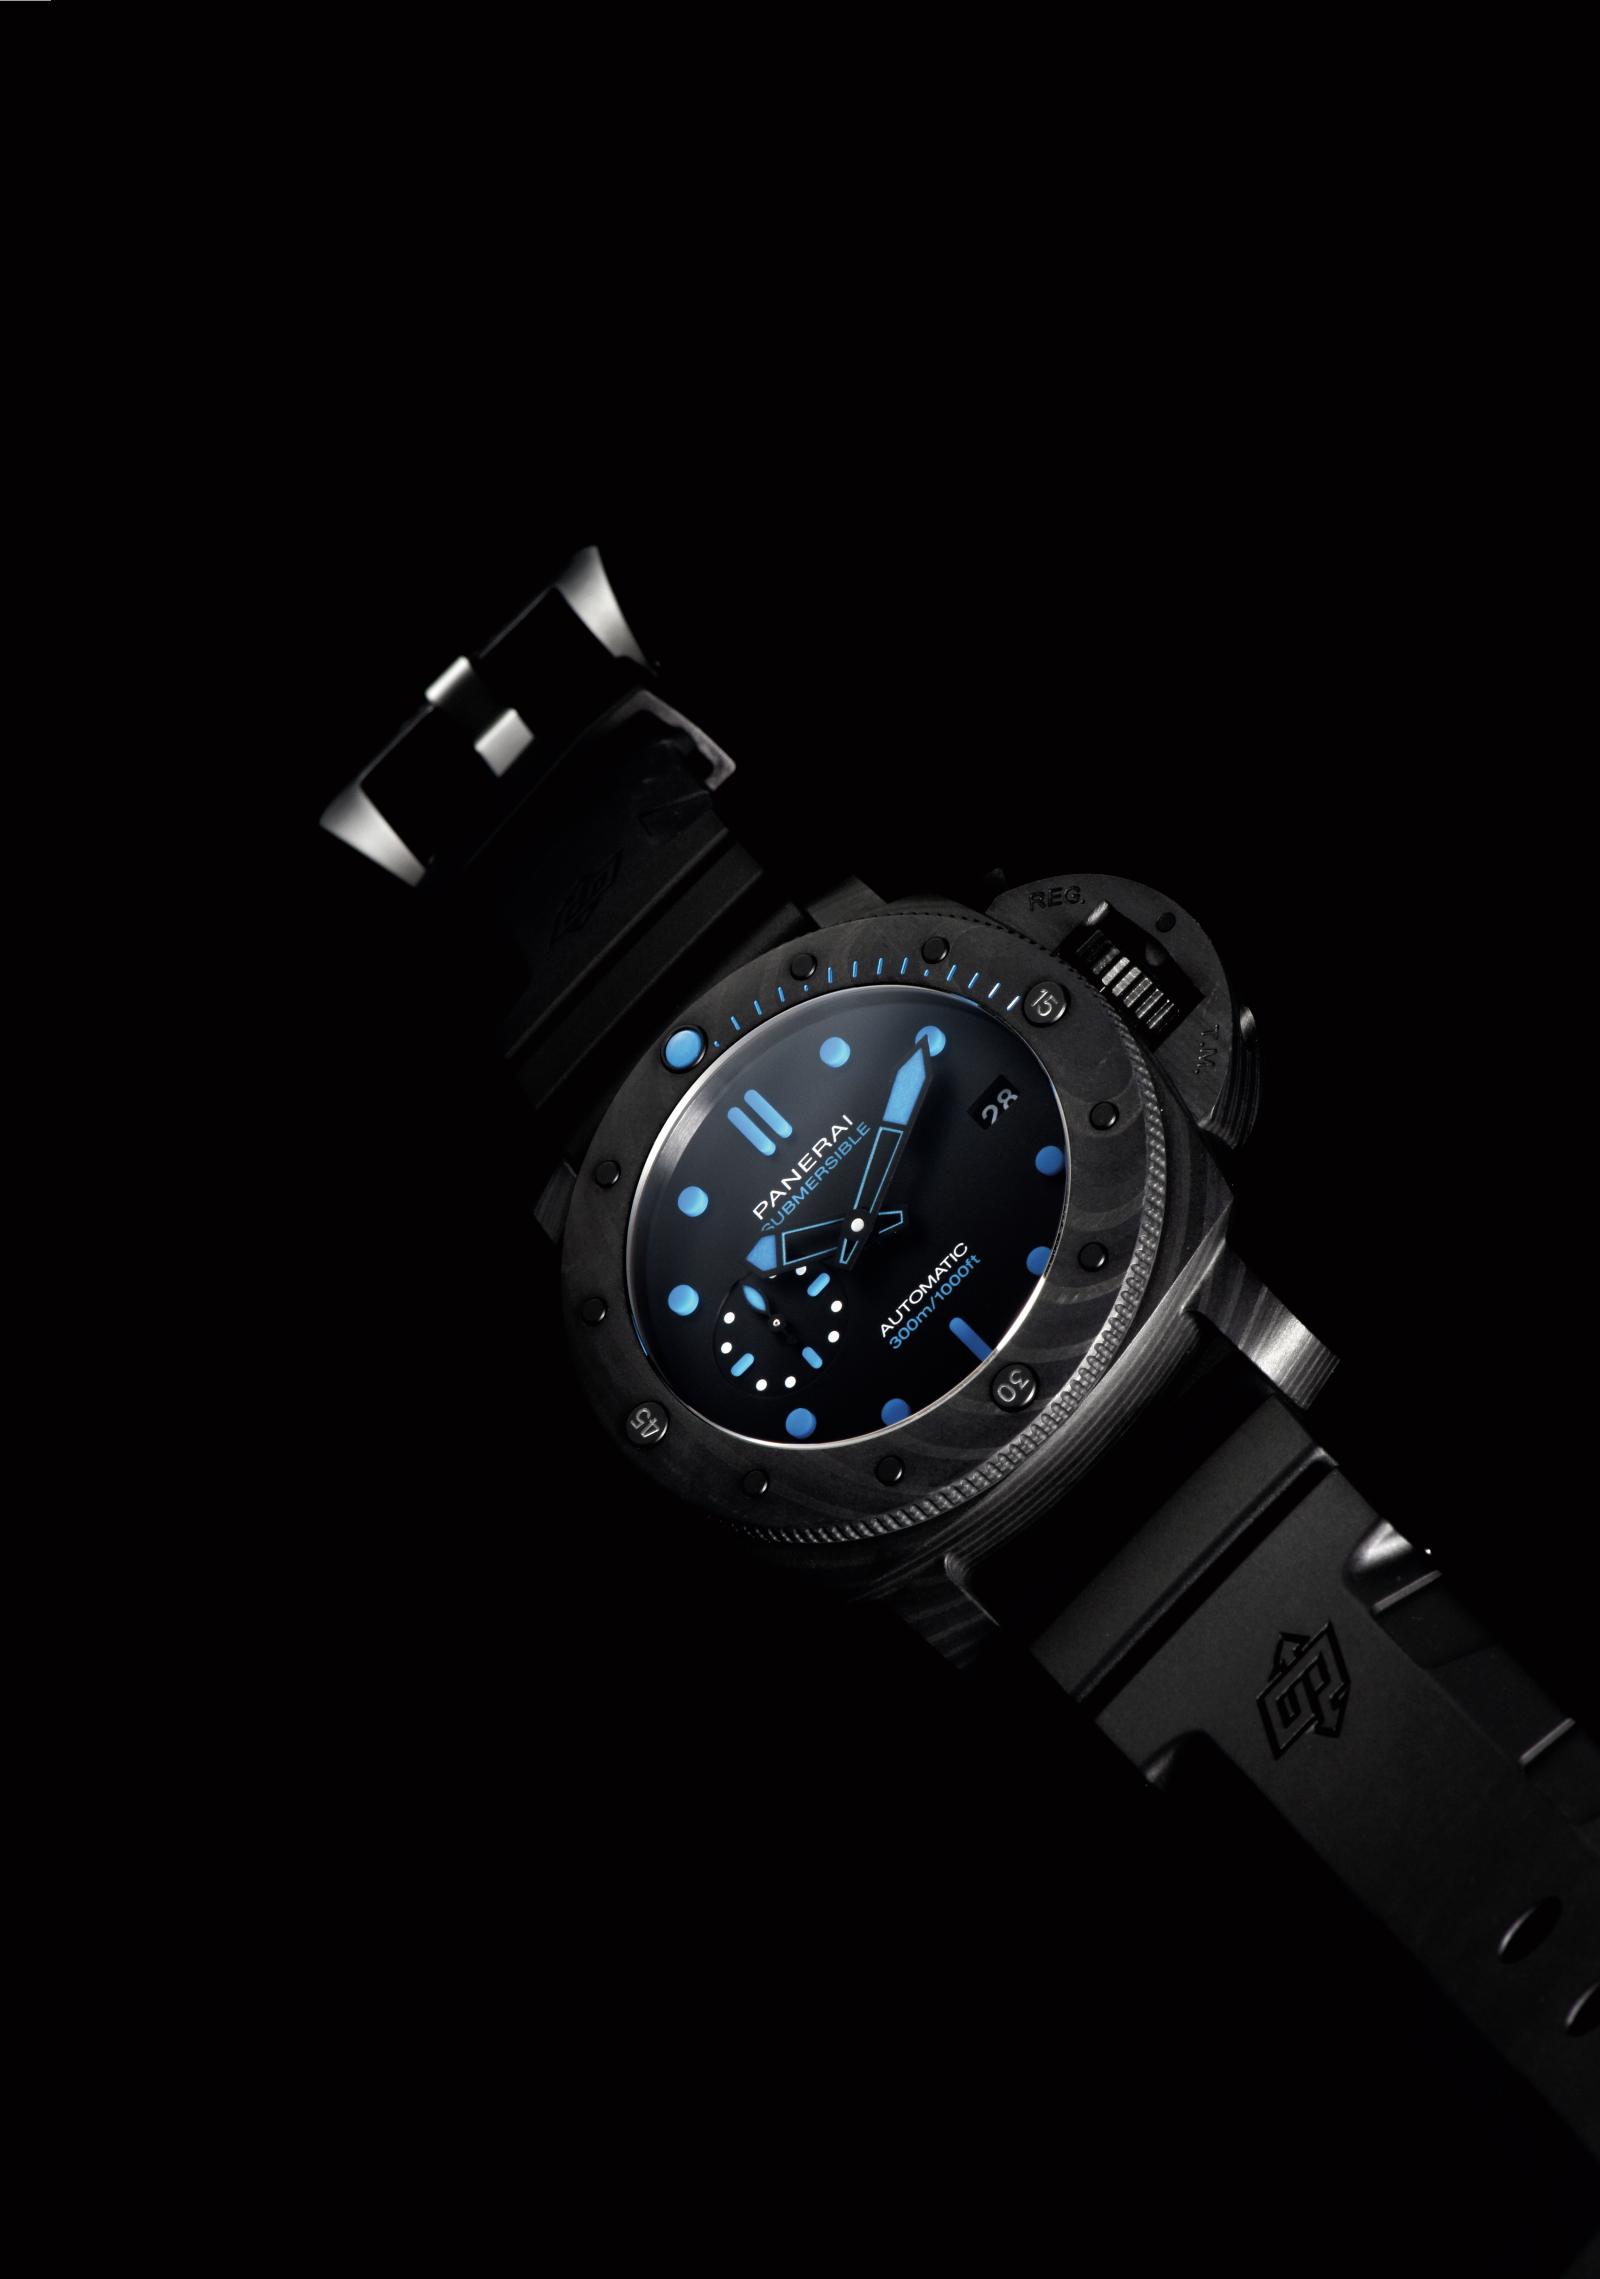 パネライの時計「サブマーシブル カーボテック™」